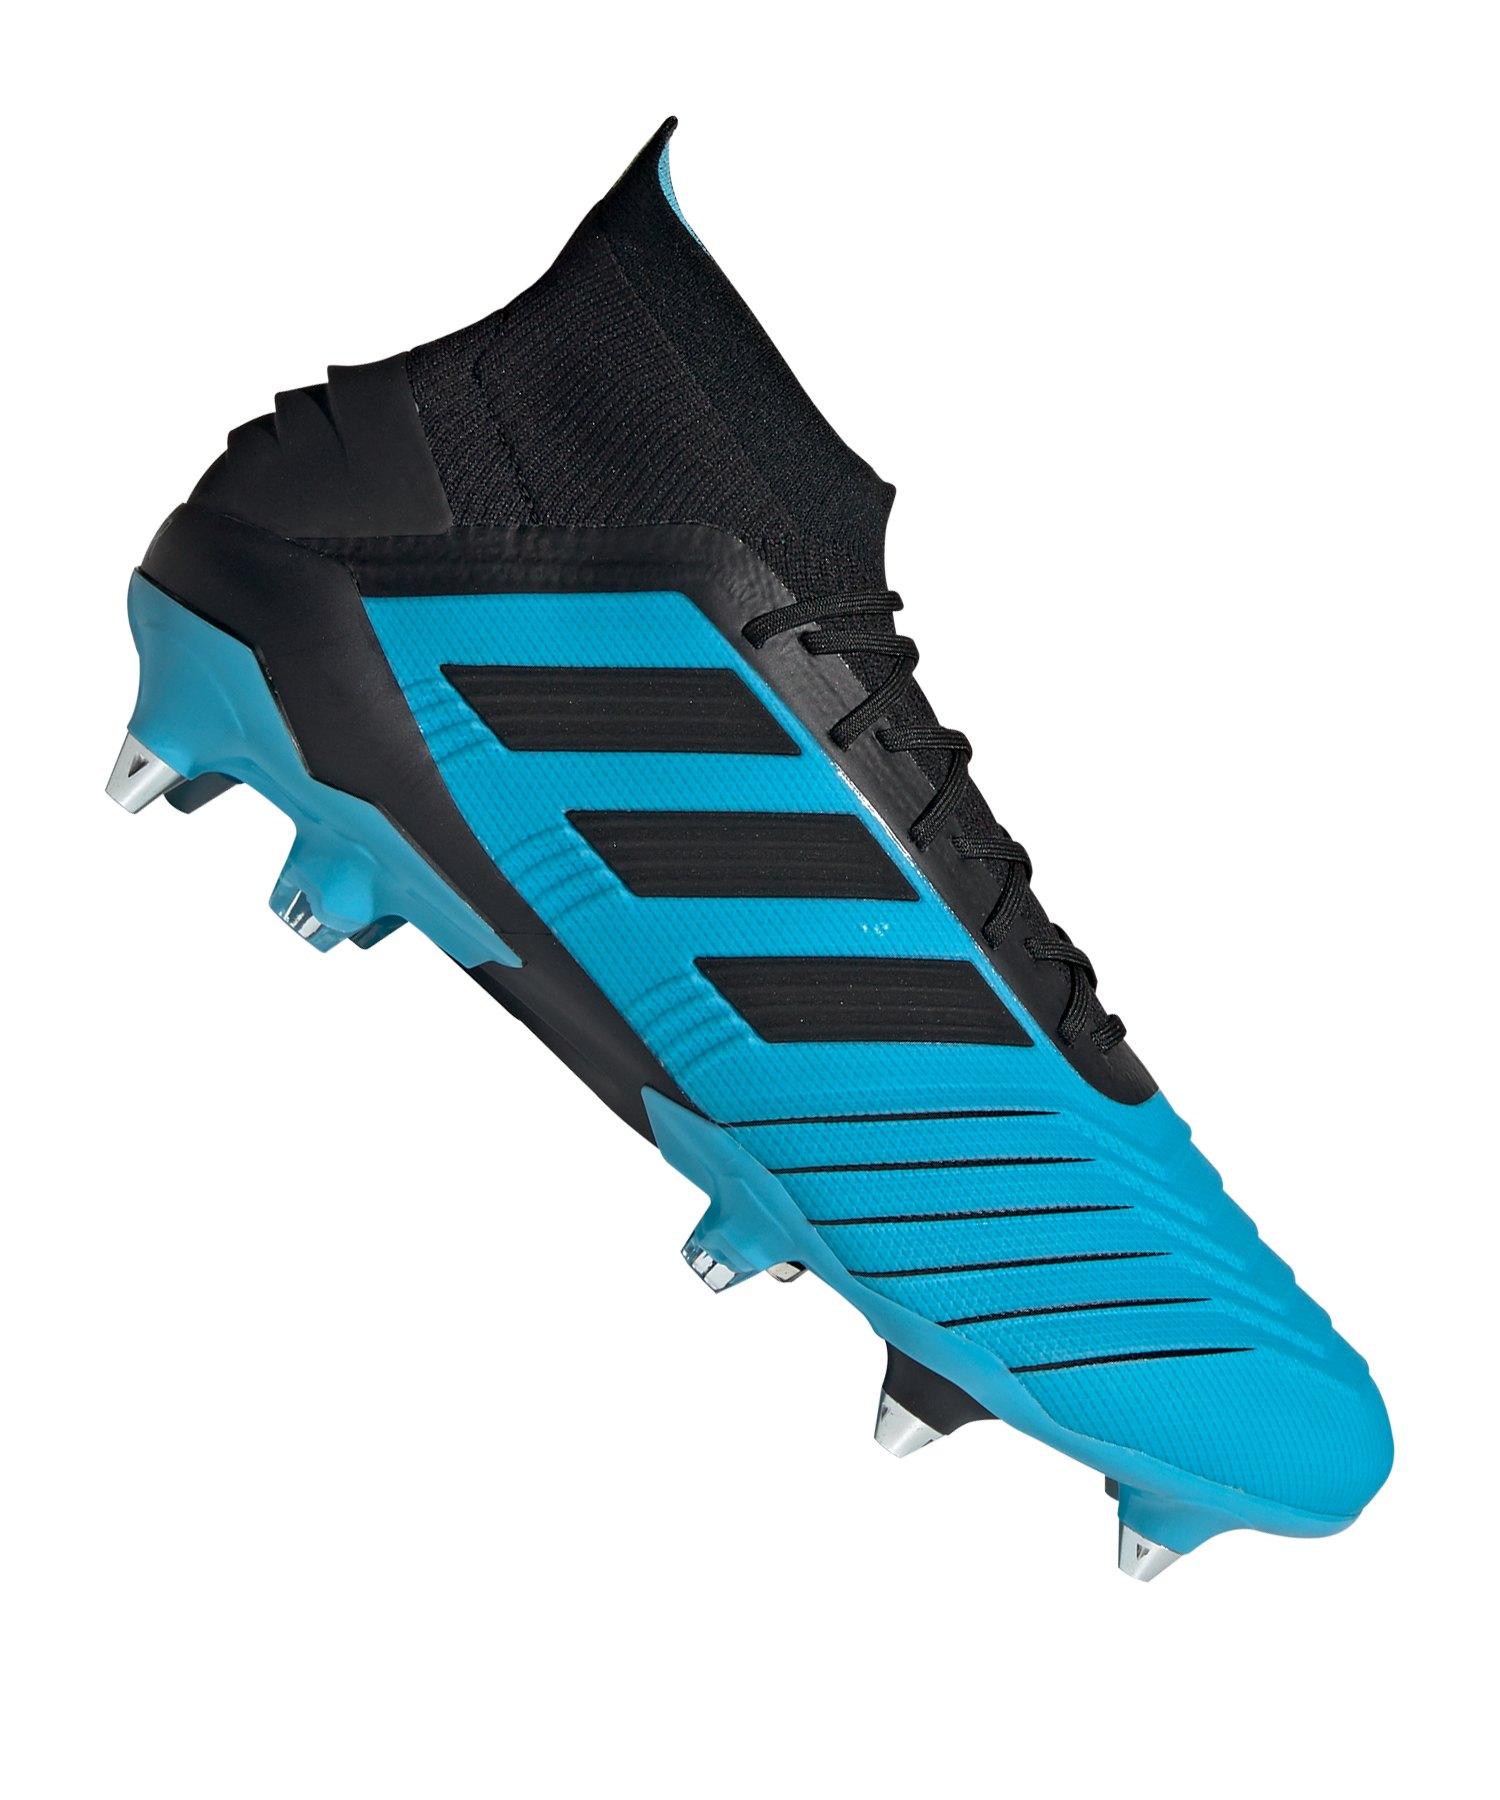 adidas Predator 19.1 SG Blau Schwarz - blau